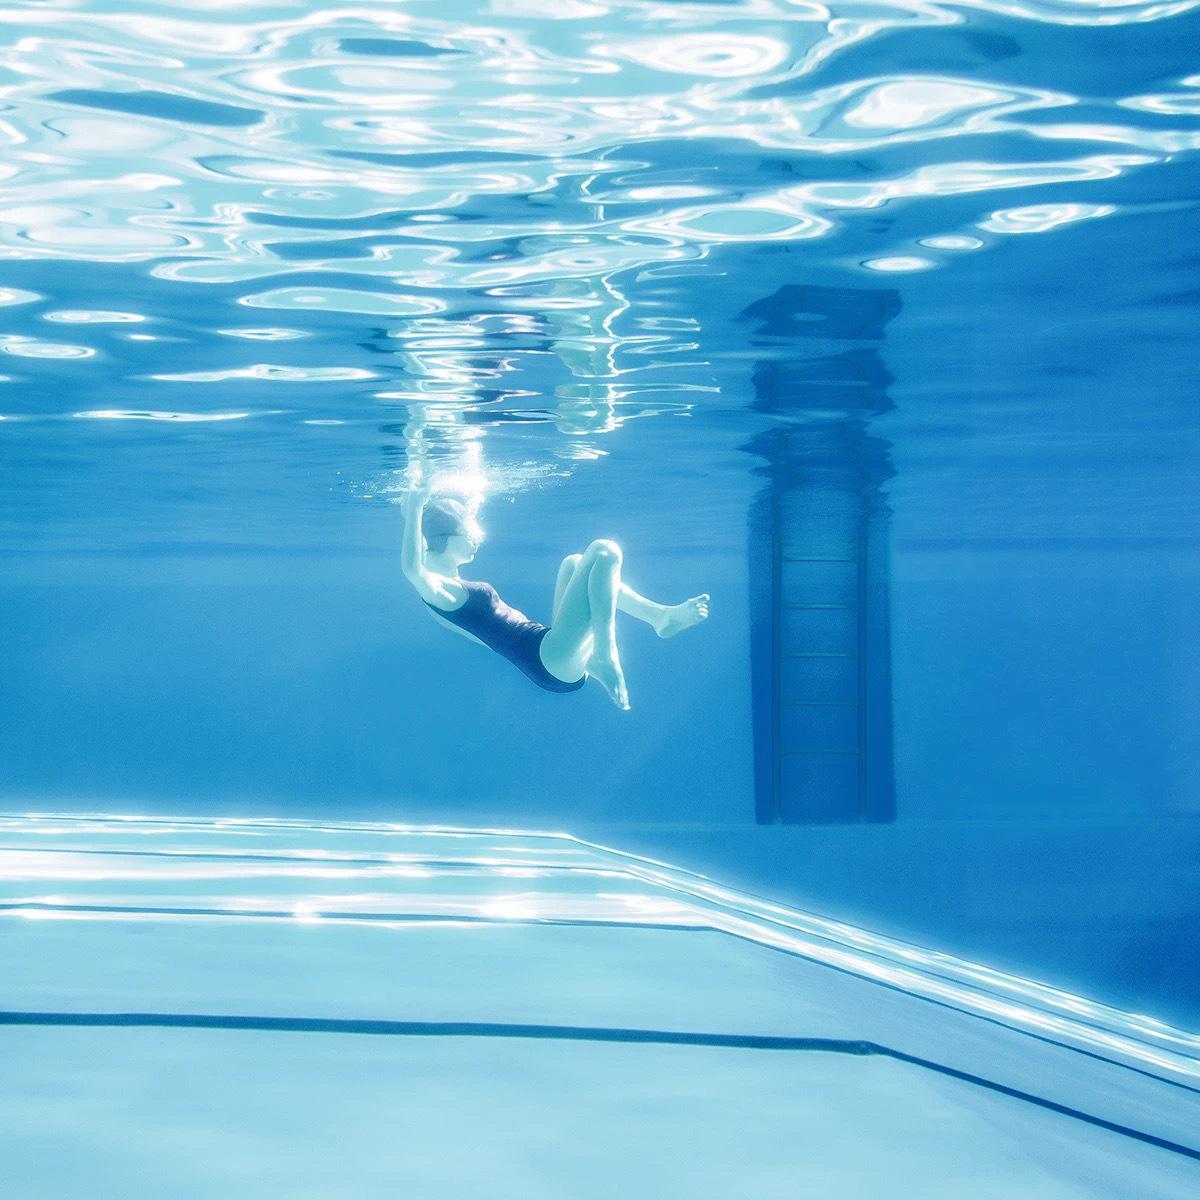 斯洛伐克摄影师 Maria Svarbova(1988年— )镜头下的夏日泳池